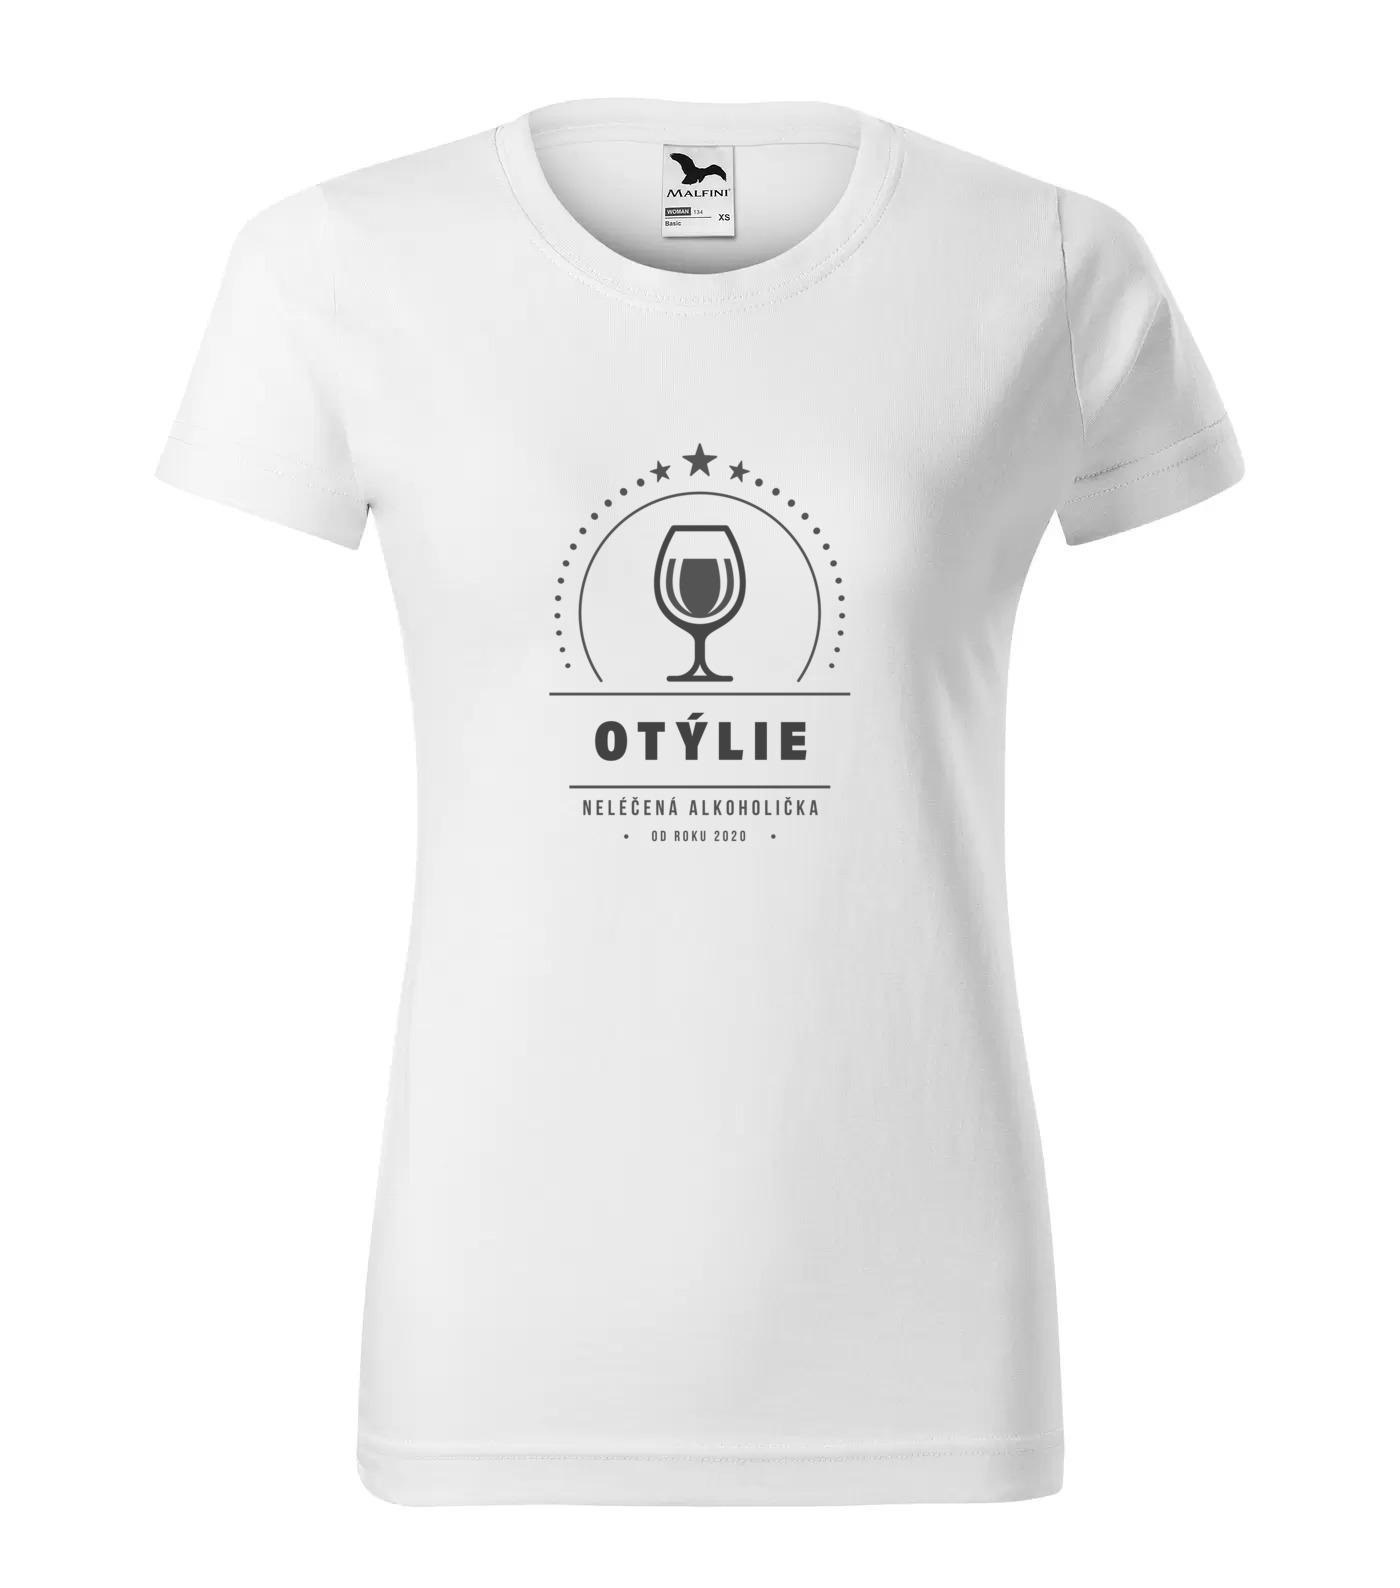 Tričko Alkoholička Otýlie